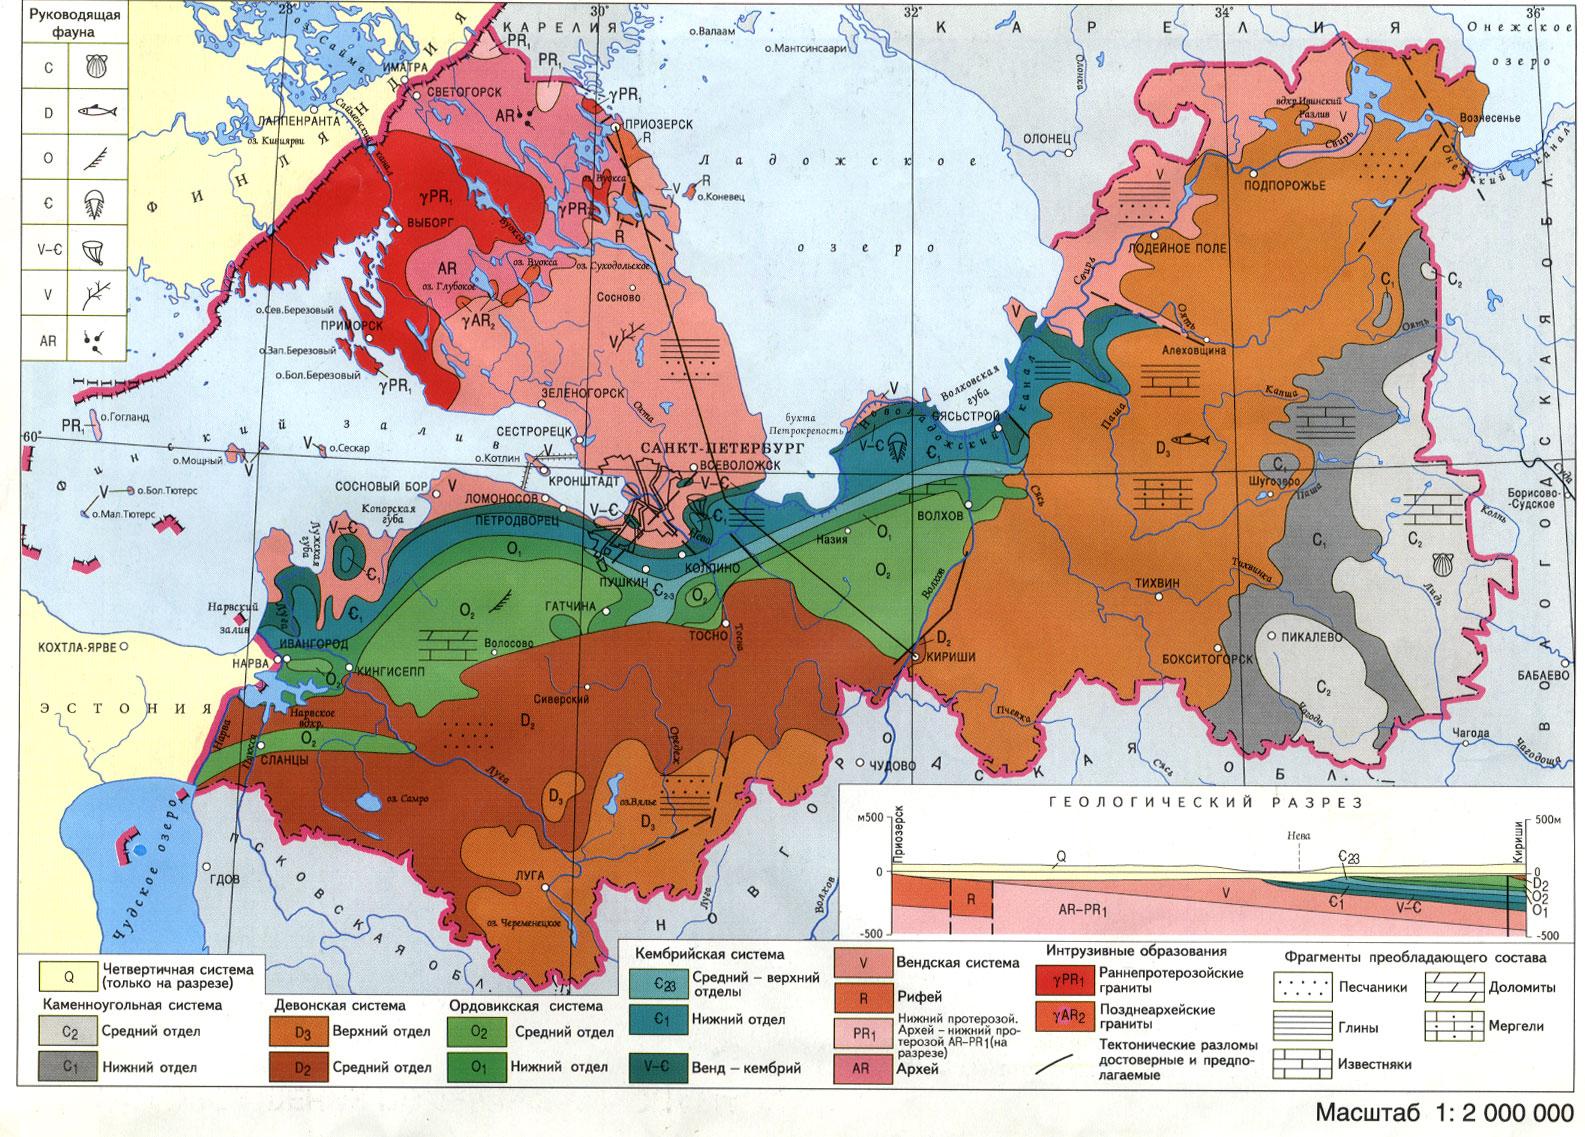 Геологическая карта Ленинградской области